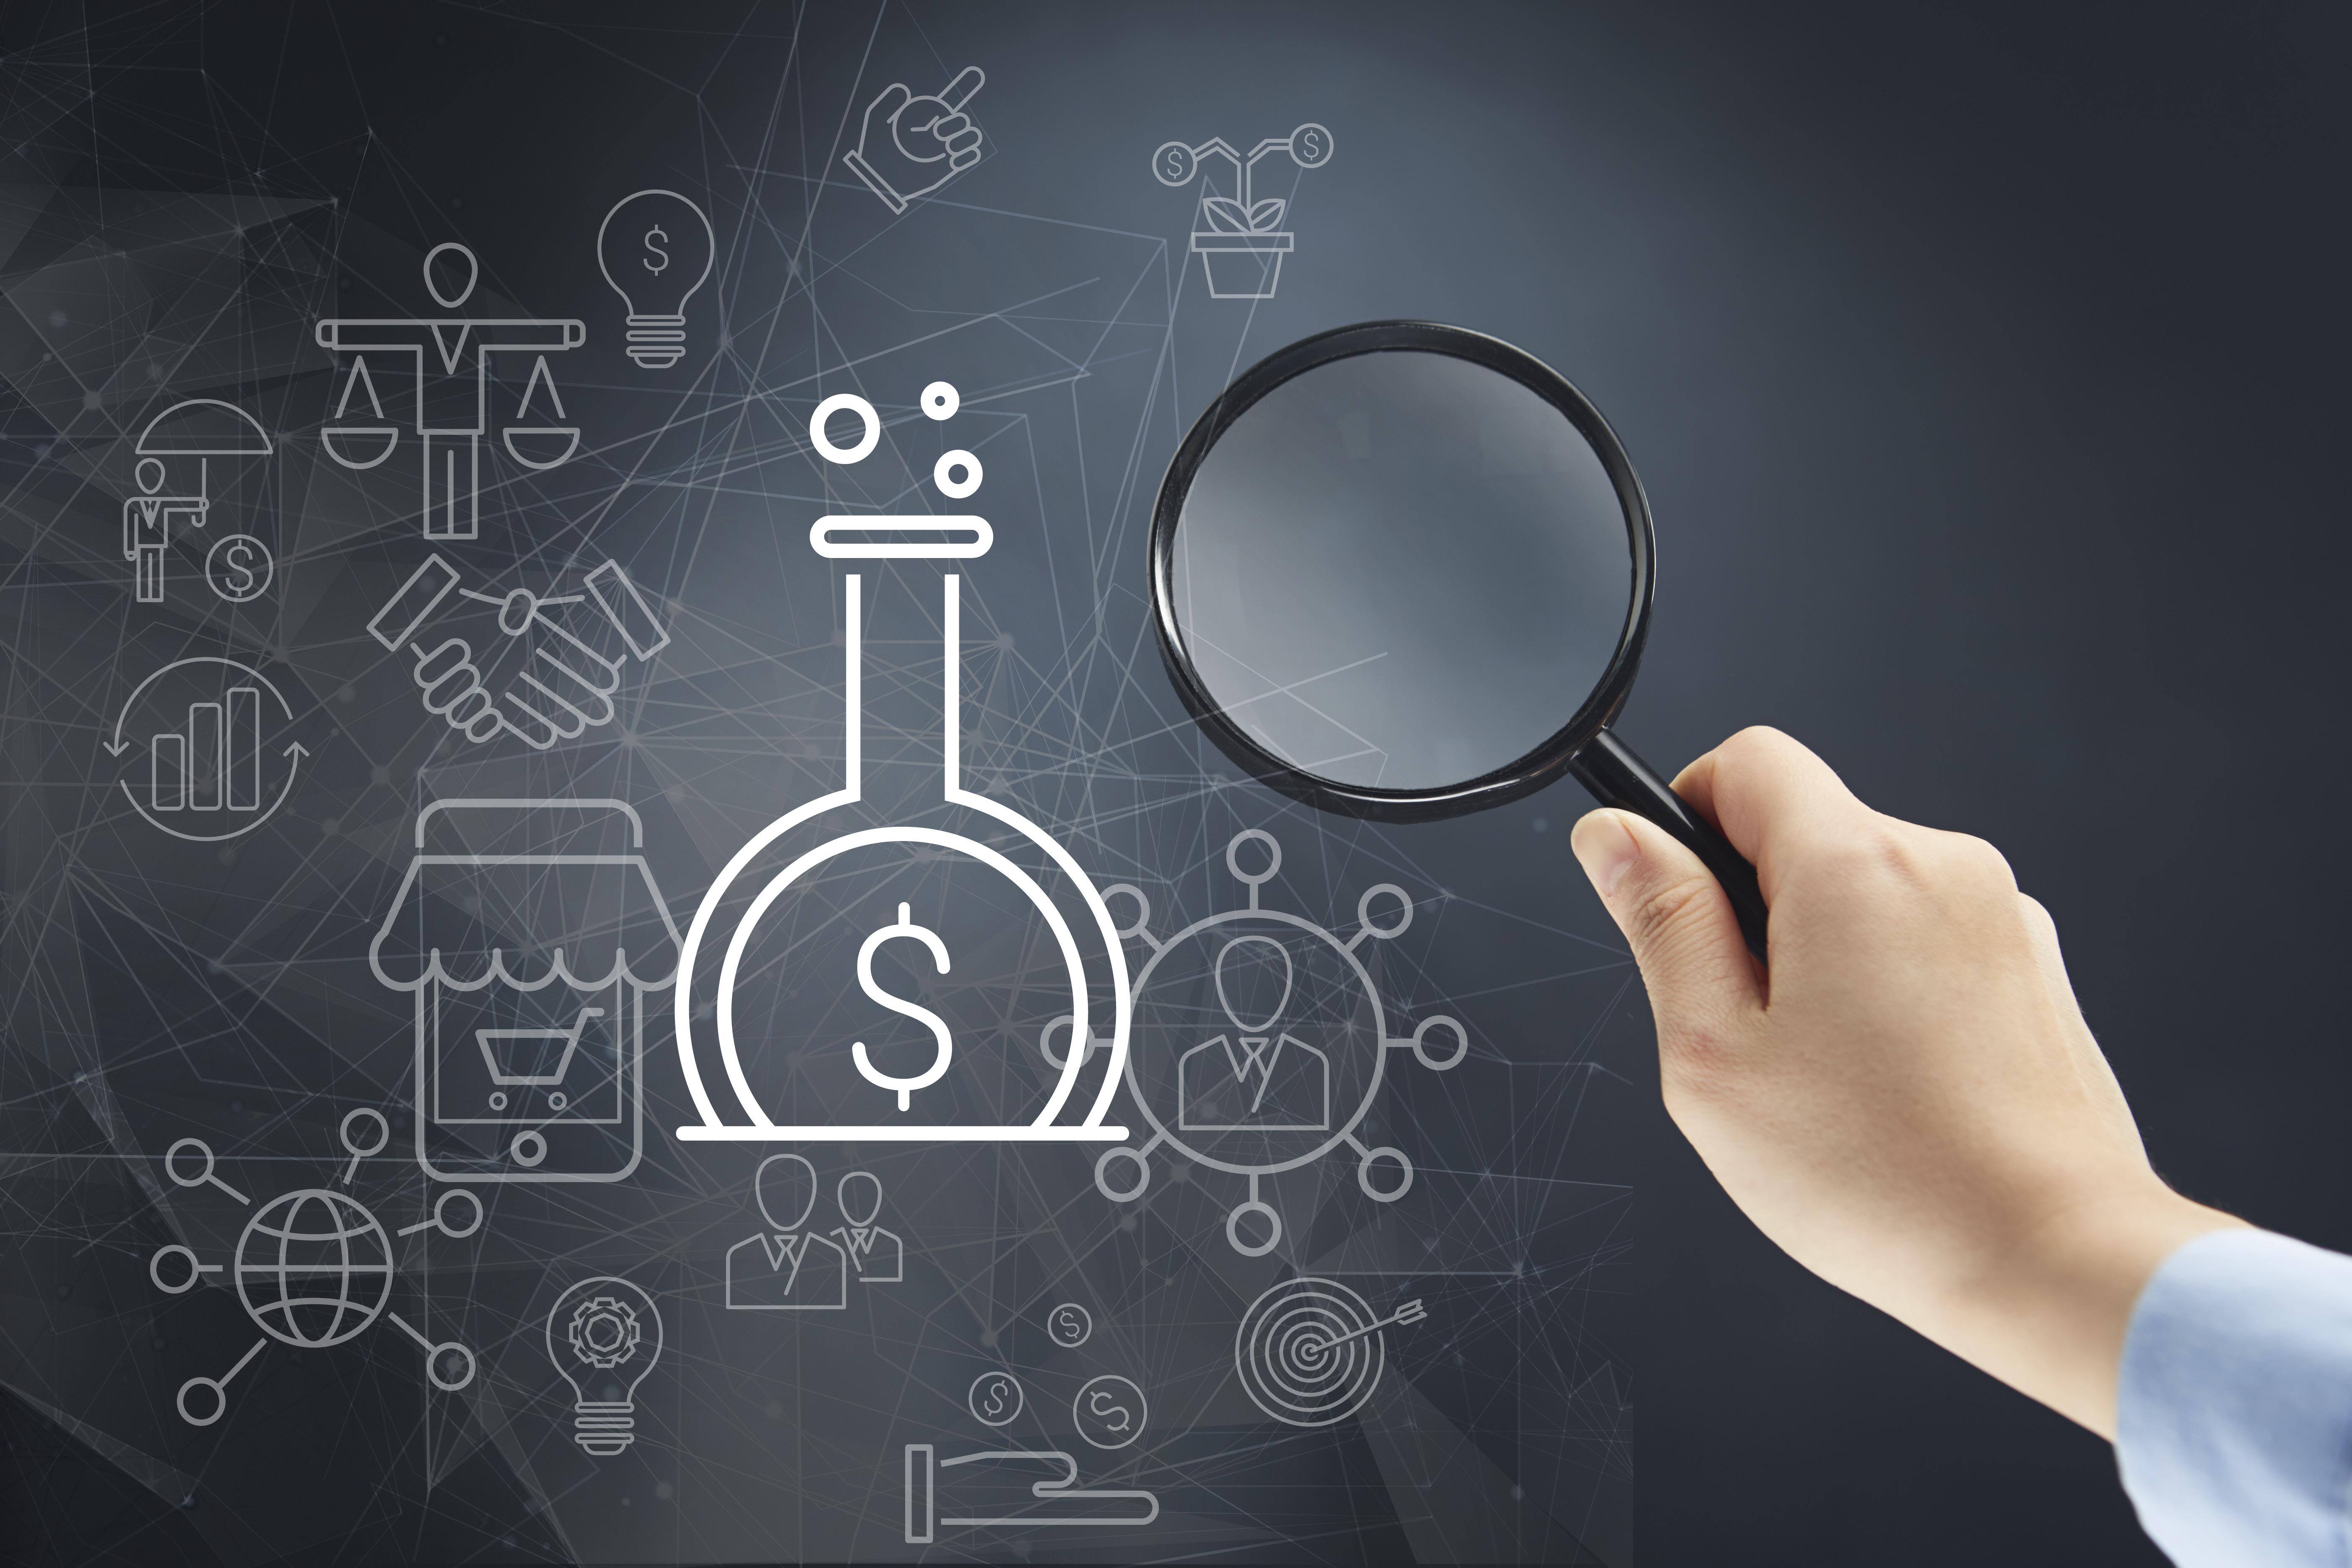 Eine Person zeigt mit einer Lupe auf eine animierte Grafik eines Reagenzglases, in welchem Geld hergestellt wird.